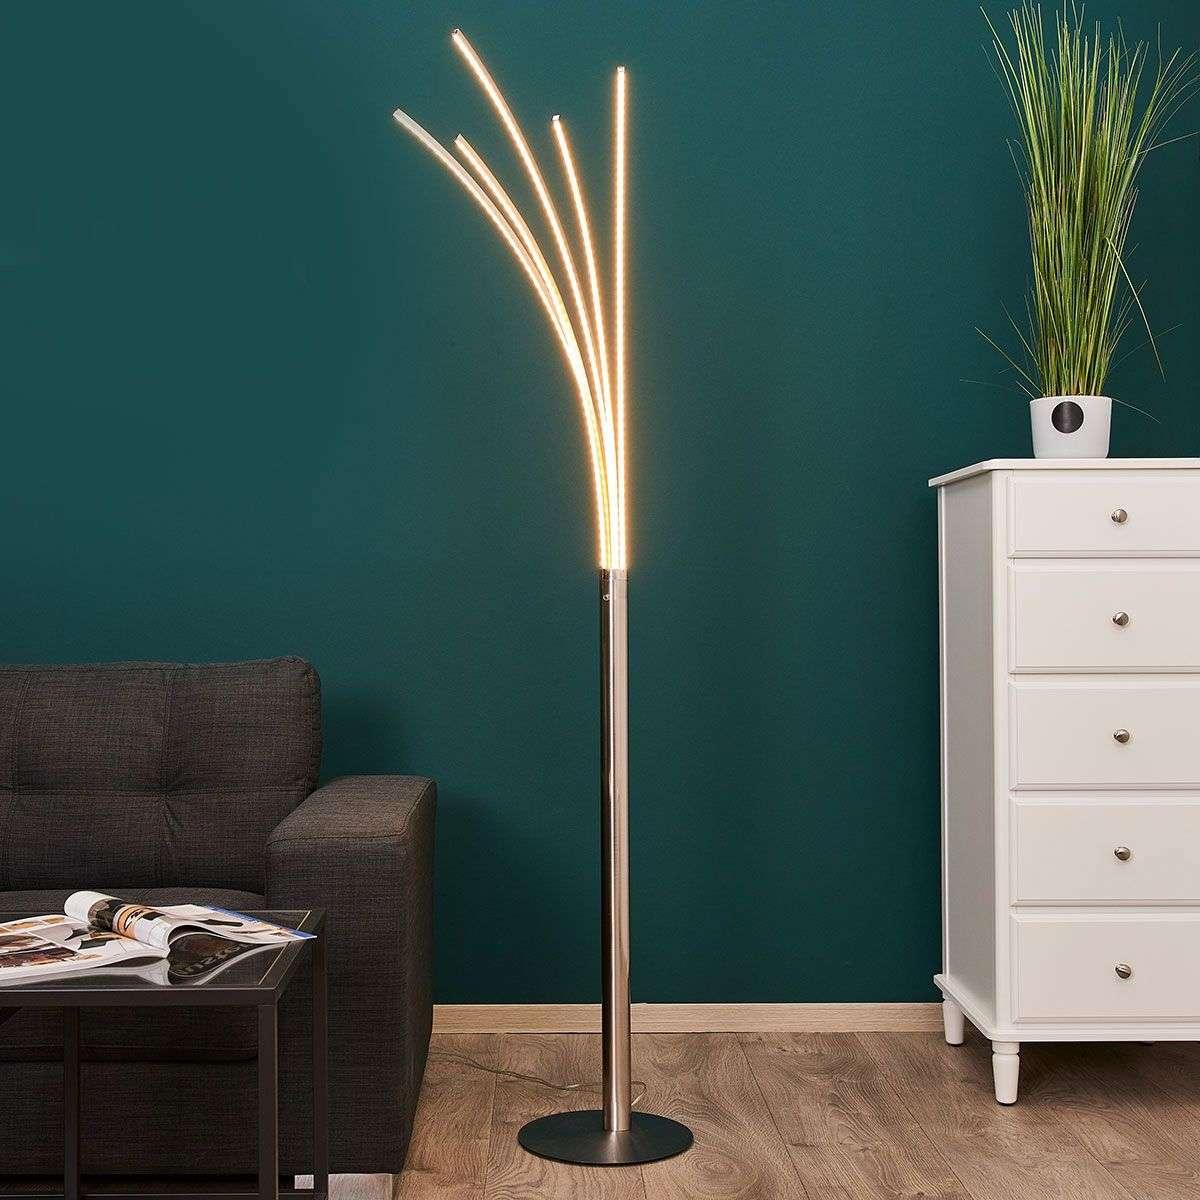 boba multi arm led floor lamp. Black Bedroom Furniture Sets. Home Design Ideas